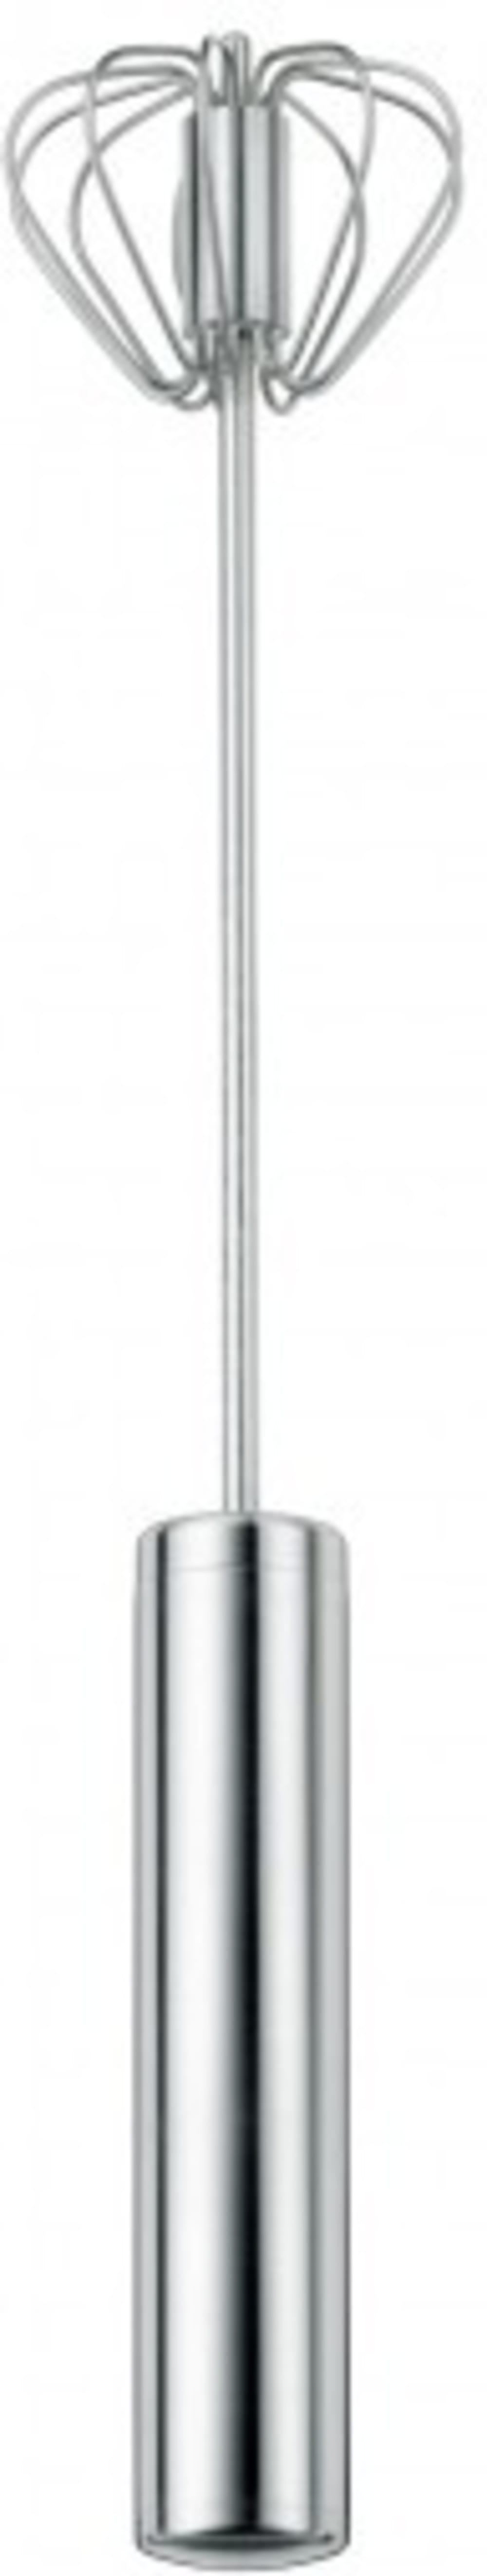 WMF - spieniacz 35 cm KULT